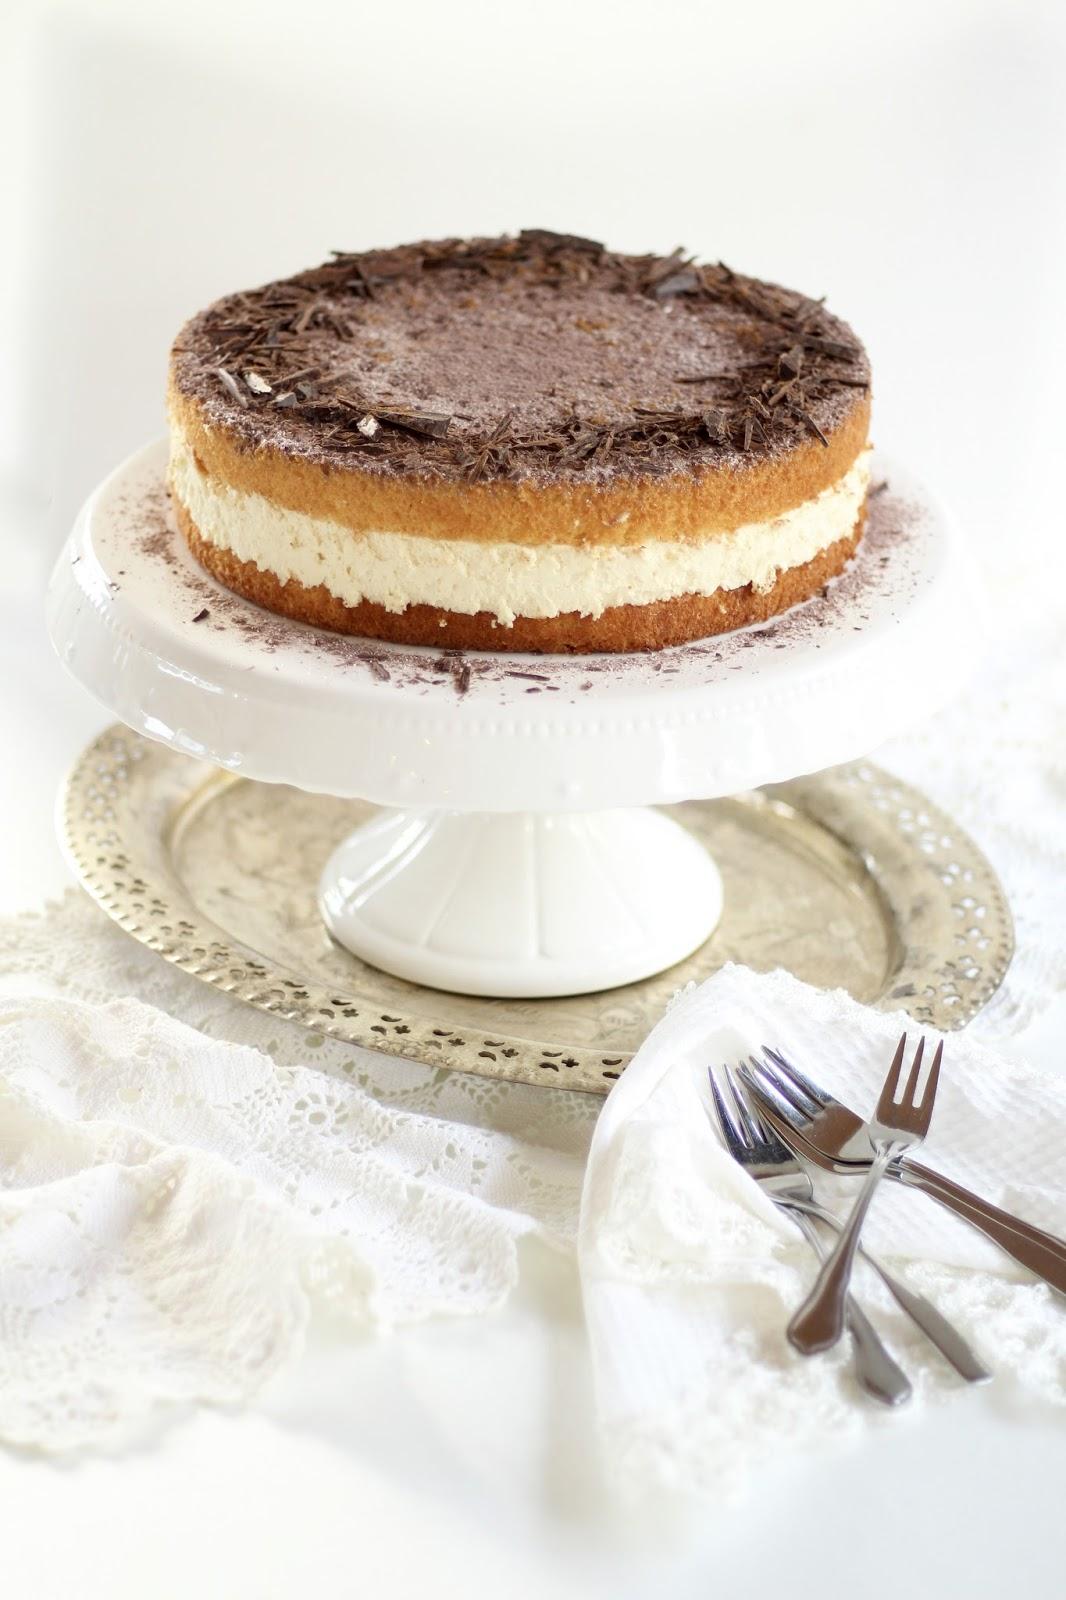 Himmlisch flauschige, cremige Tiramisu Torte